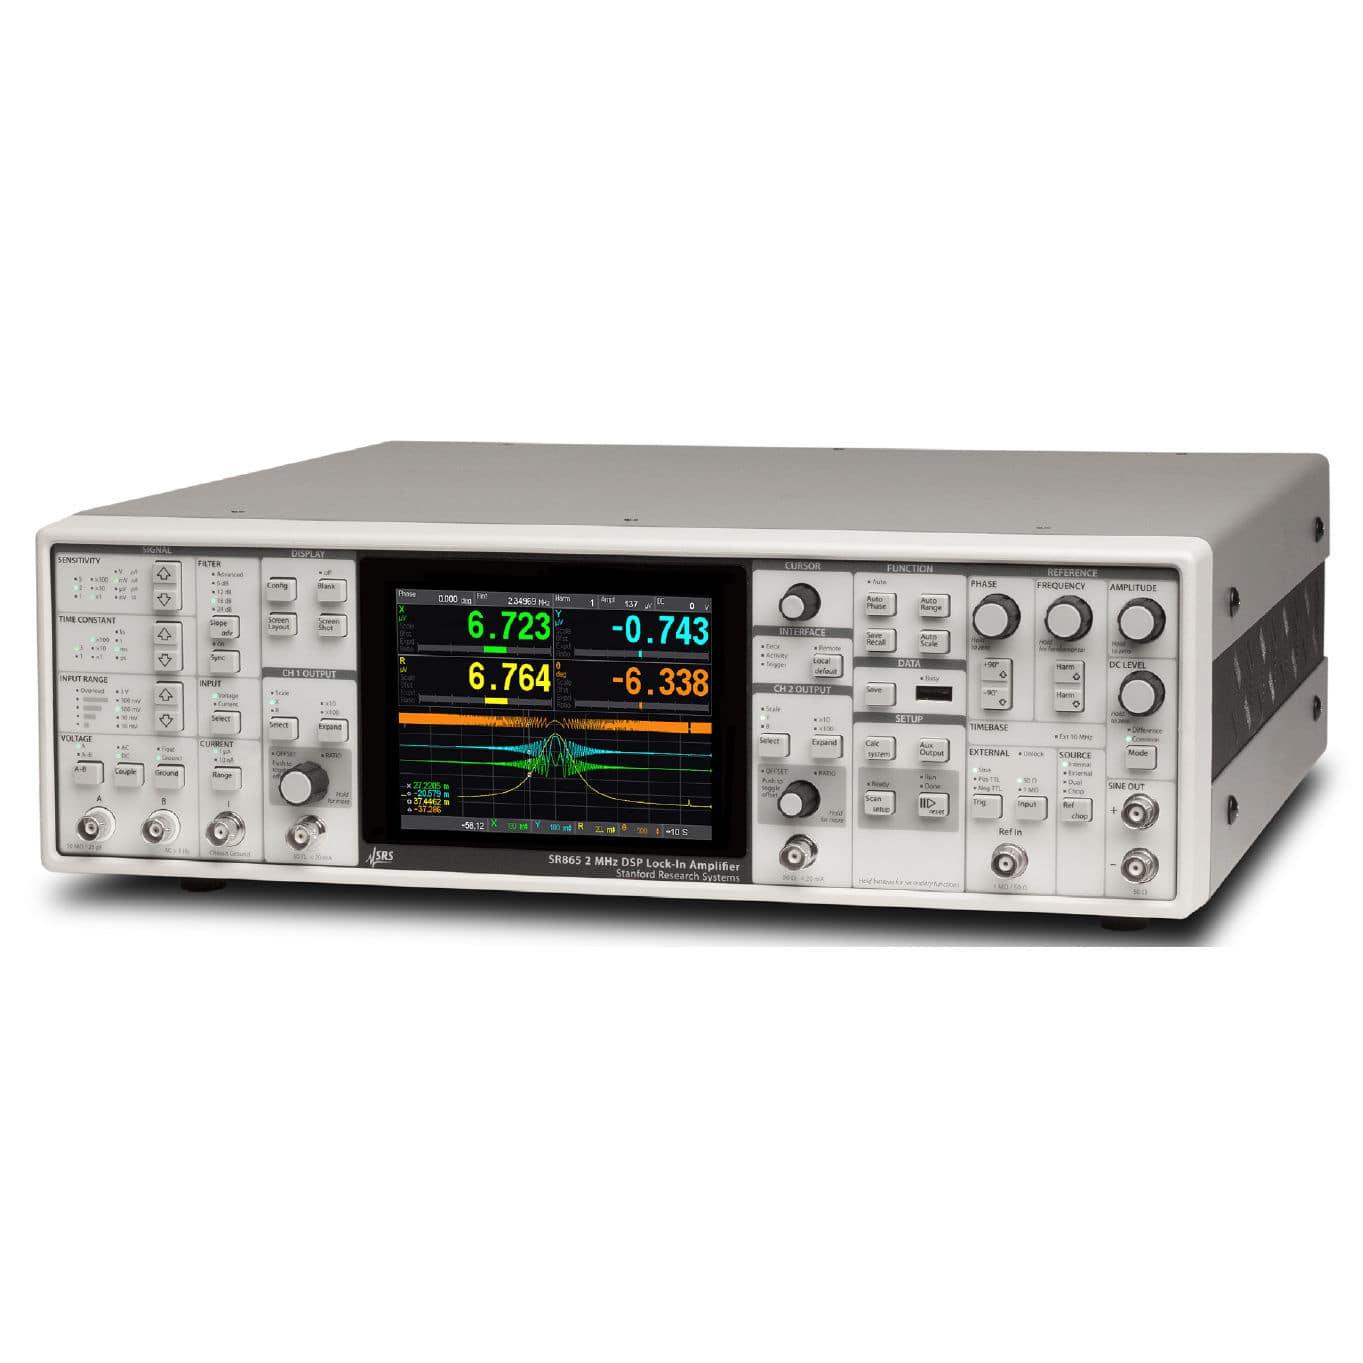 Current Amplifier Voltage Lock In Benchtop Sr865a Stanford Lockin Amplifierj